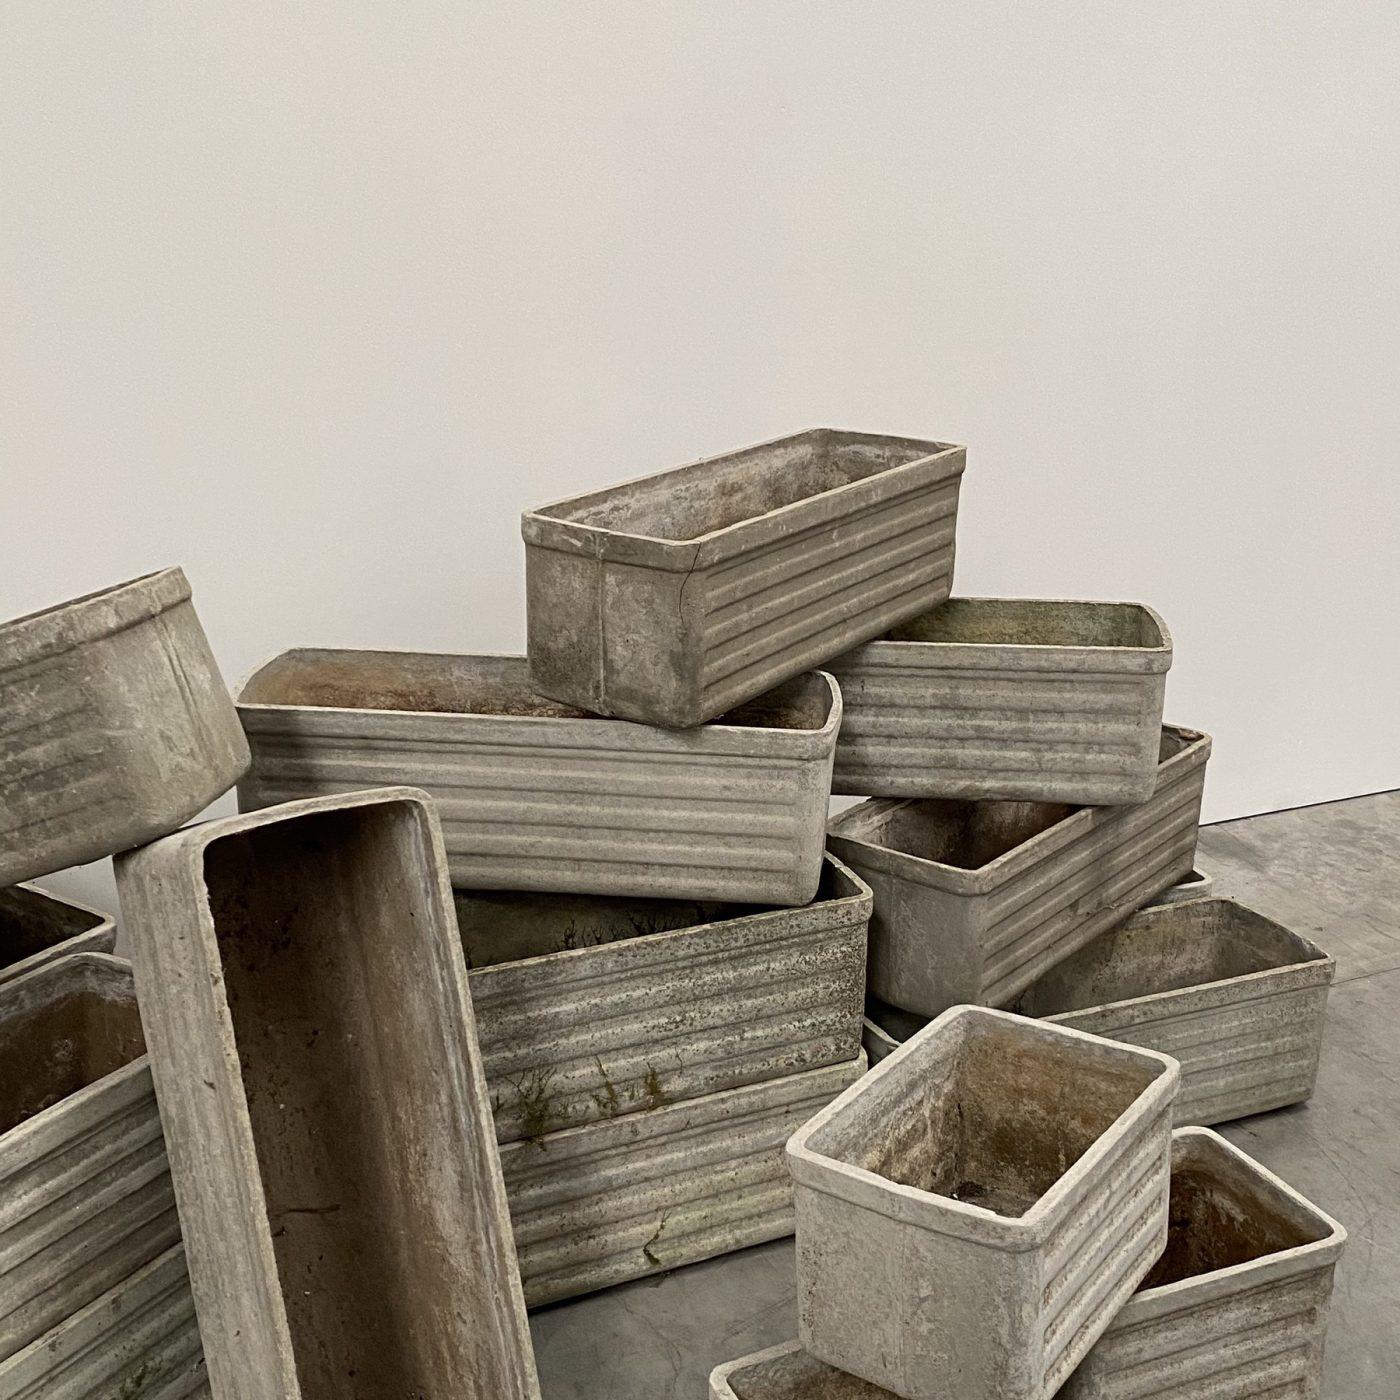 objet-vagabond-concrete-planters0000